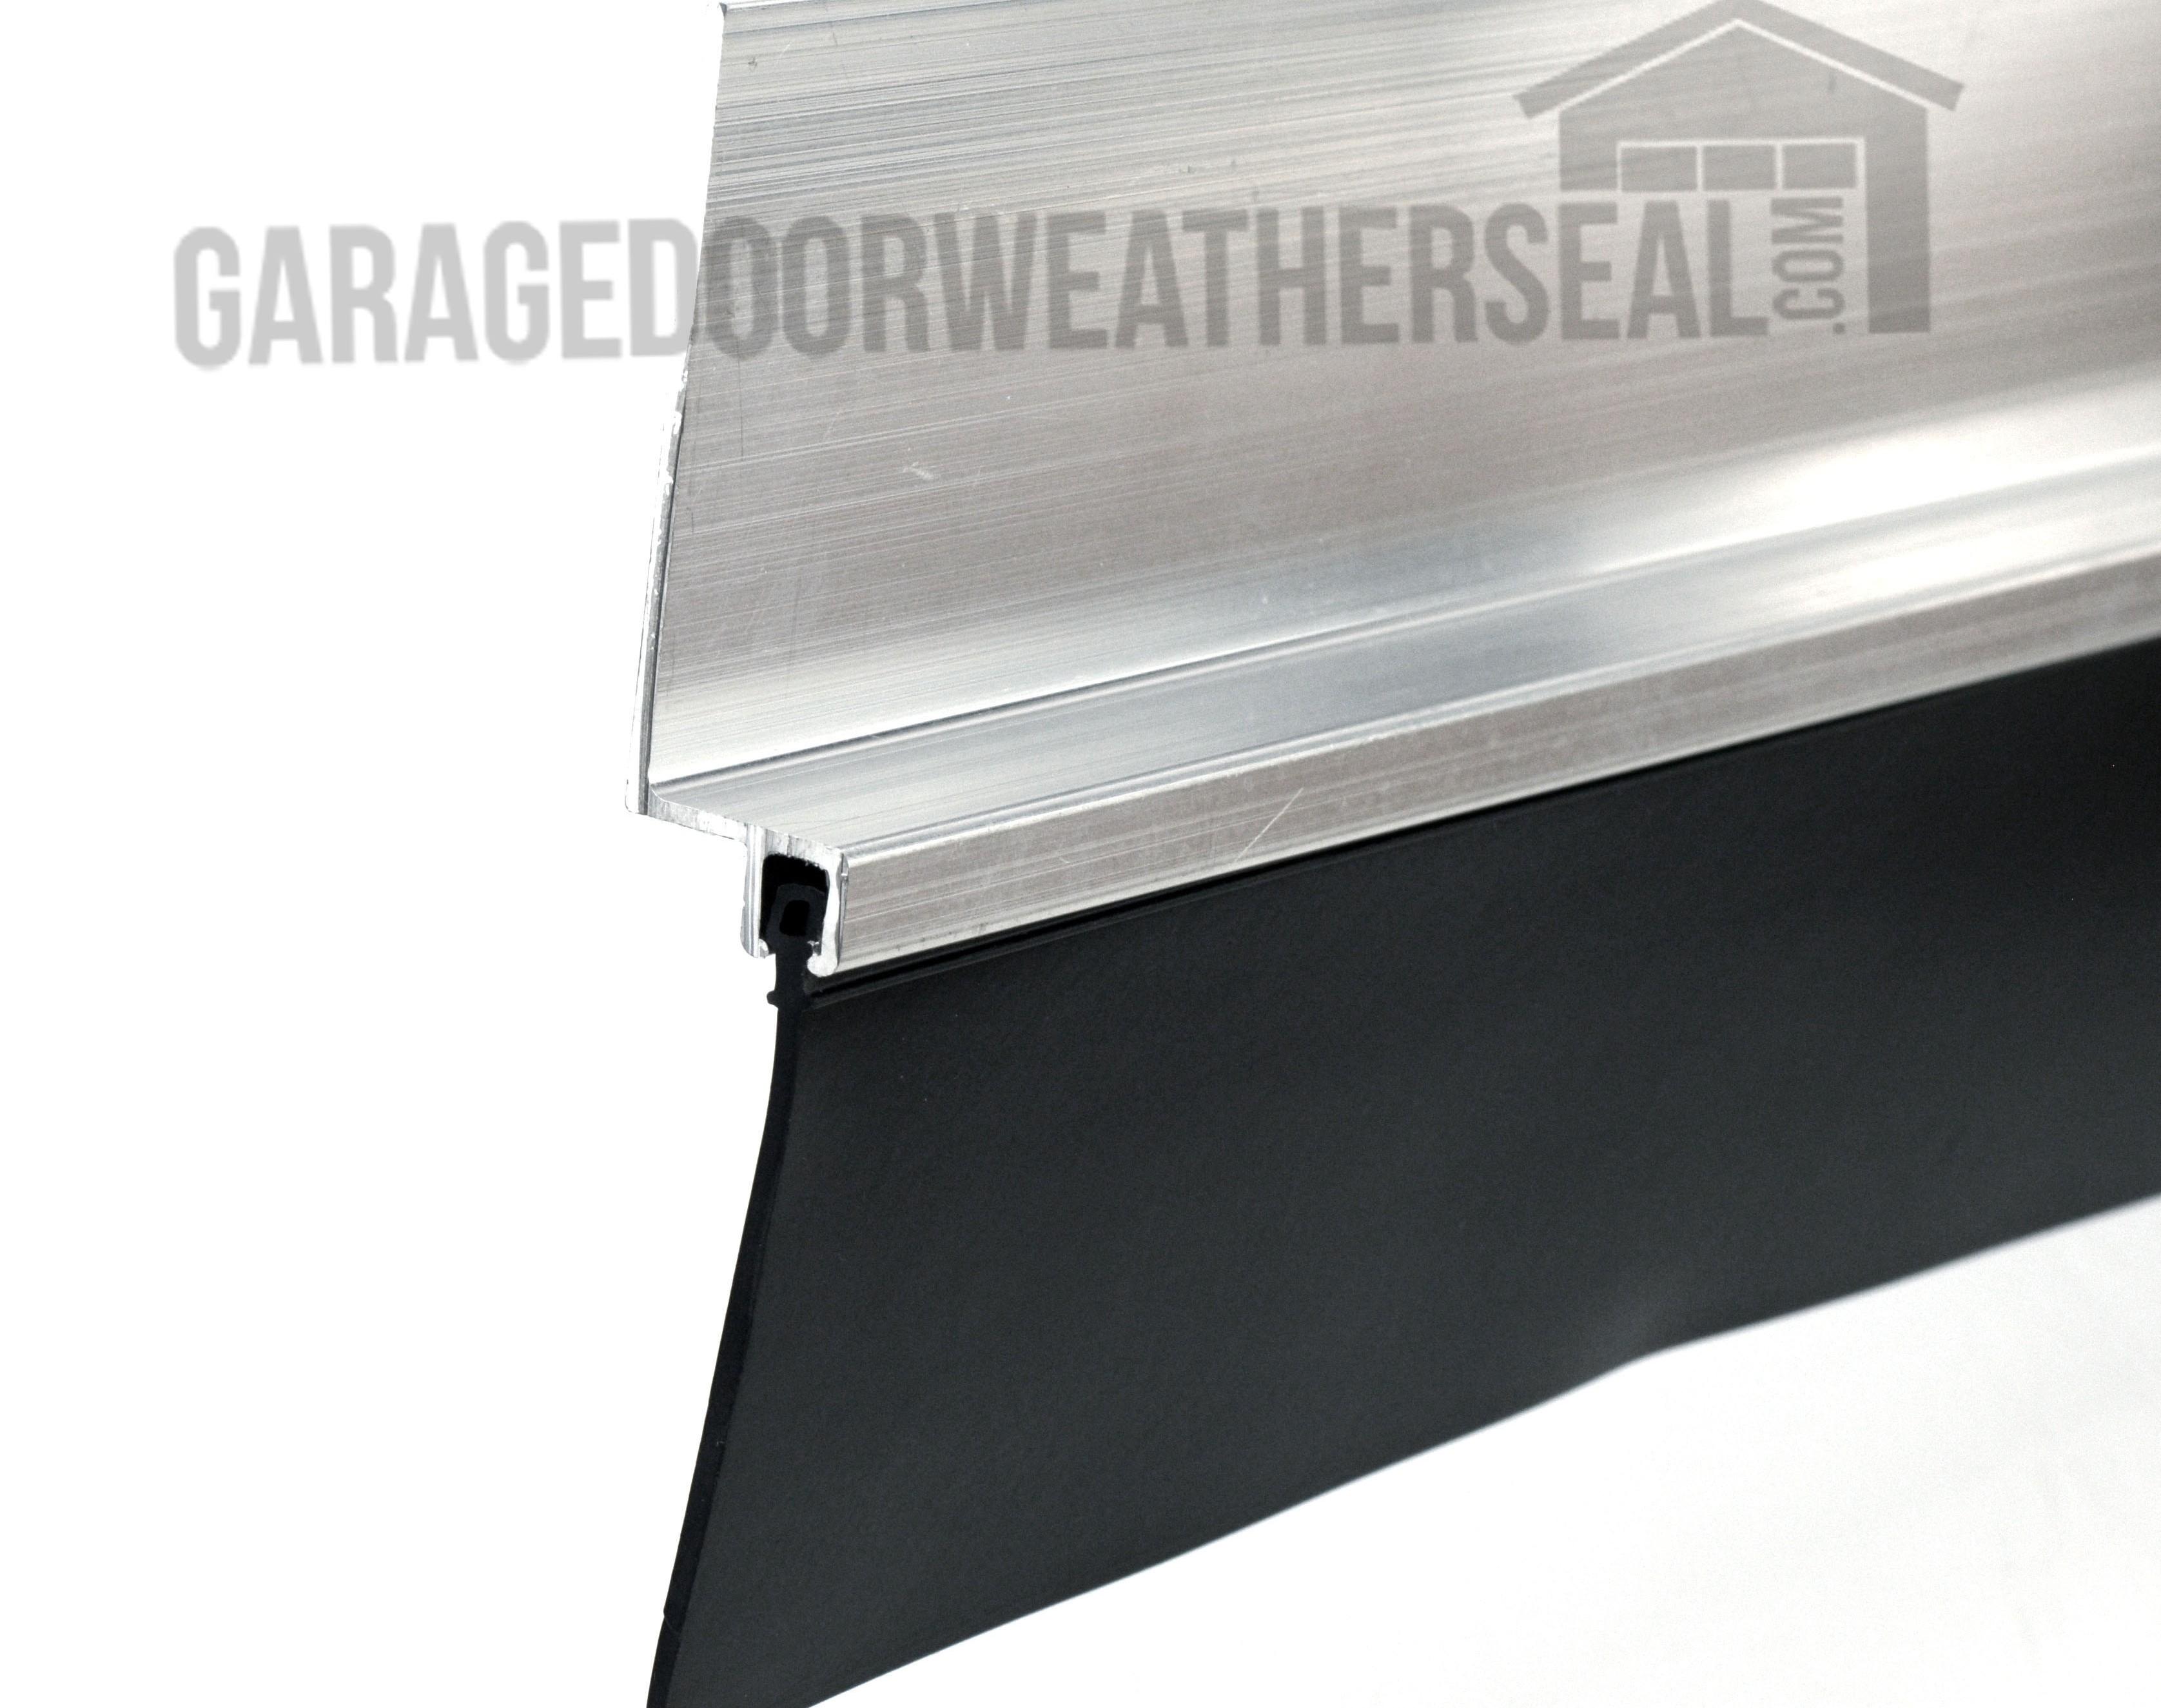 Garage door 15 x 7 28 images 15 x 7 insulated garage for 18 ft garage door for sale